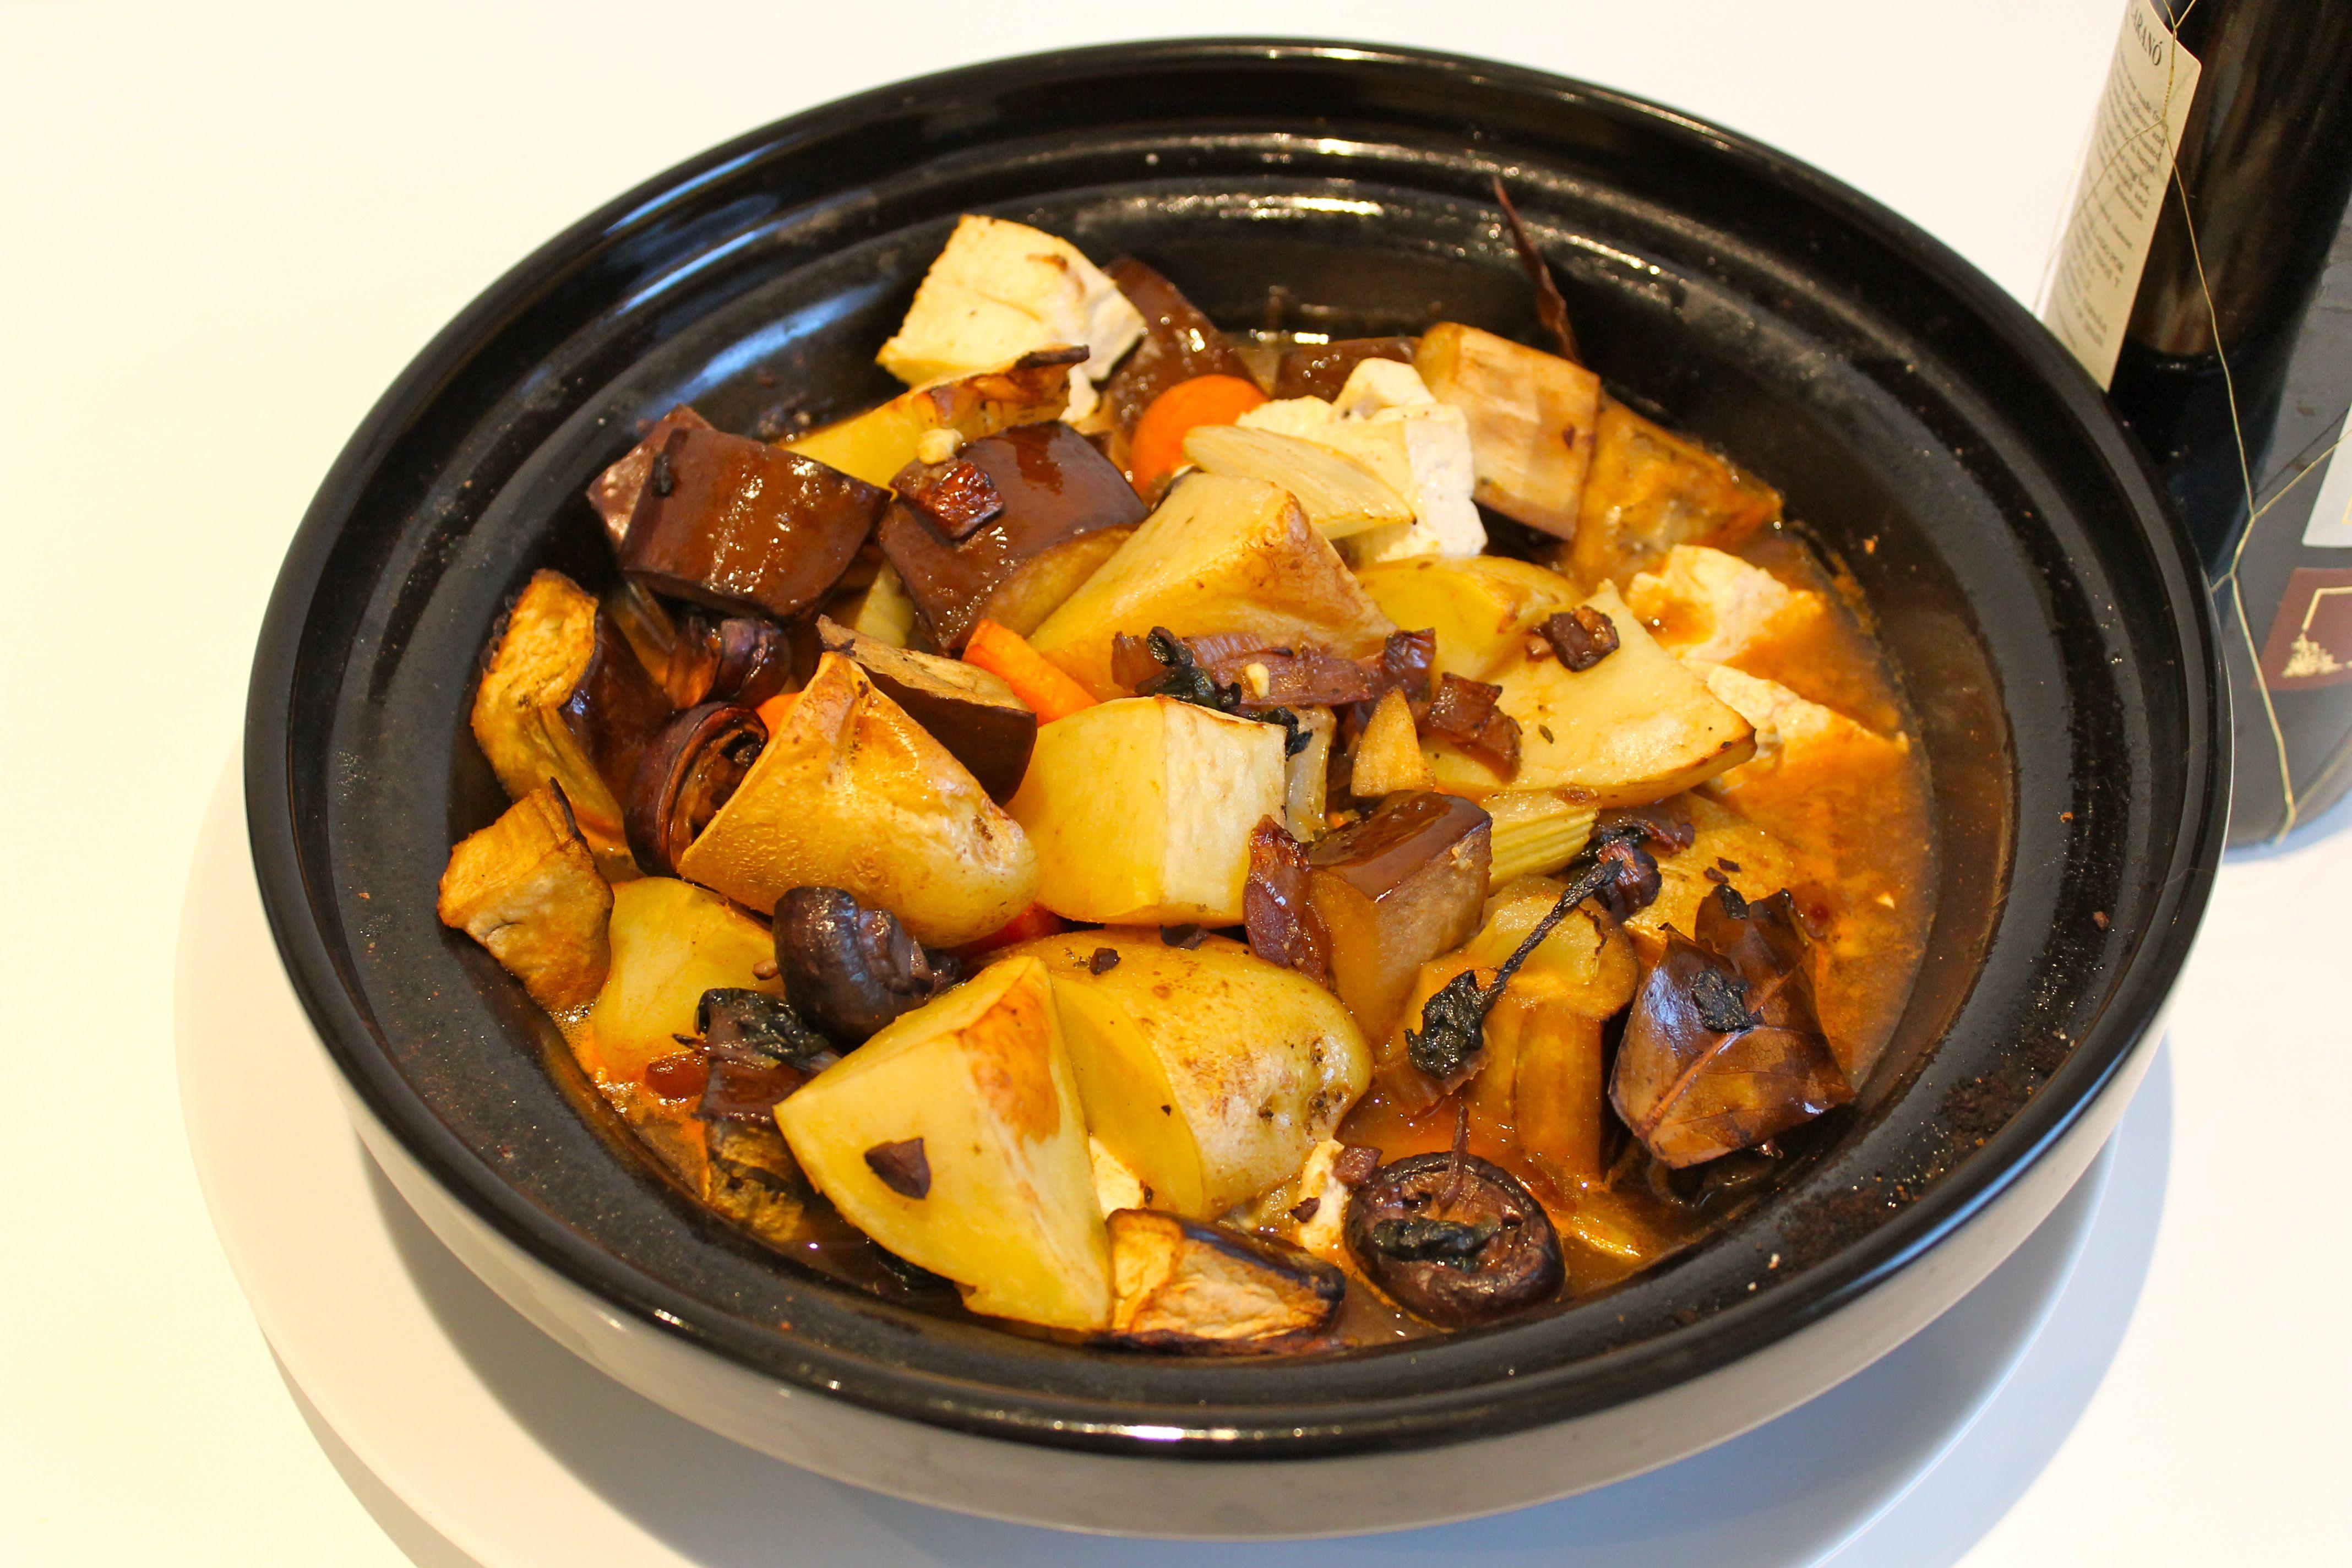 Aubergine, Potato and Tofu Casserole